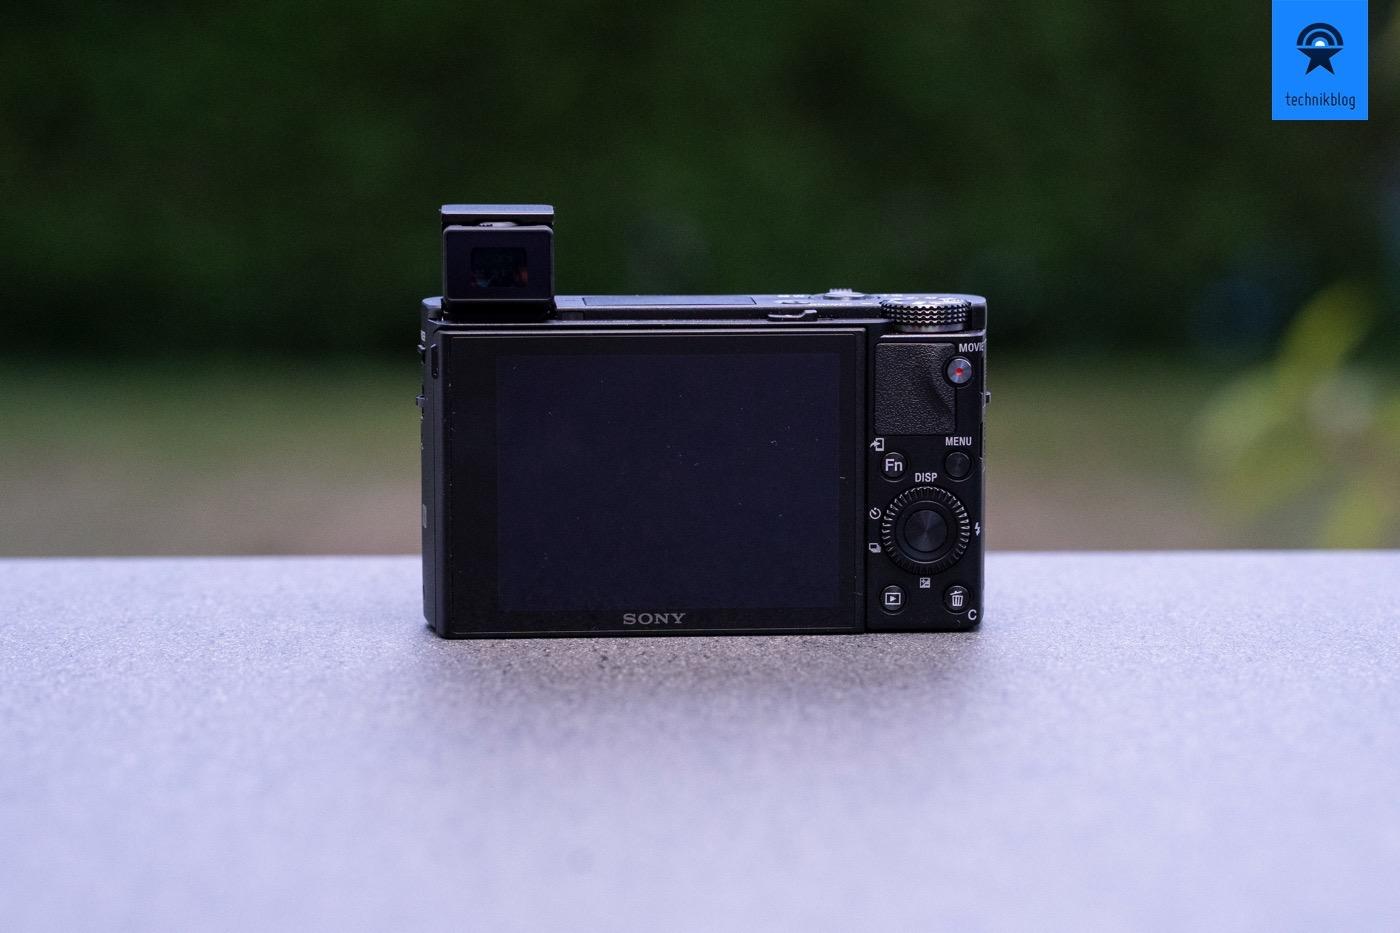 Sony RX100 V mit ausgeklapptem elektronischen Sucher